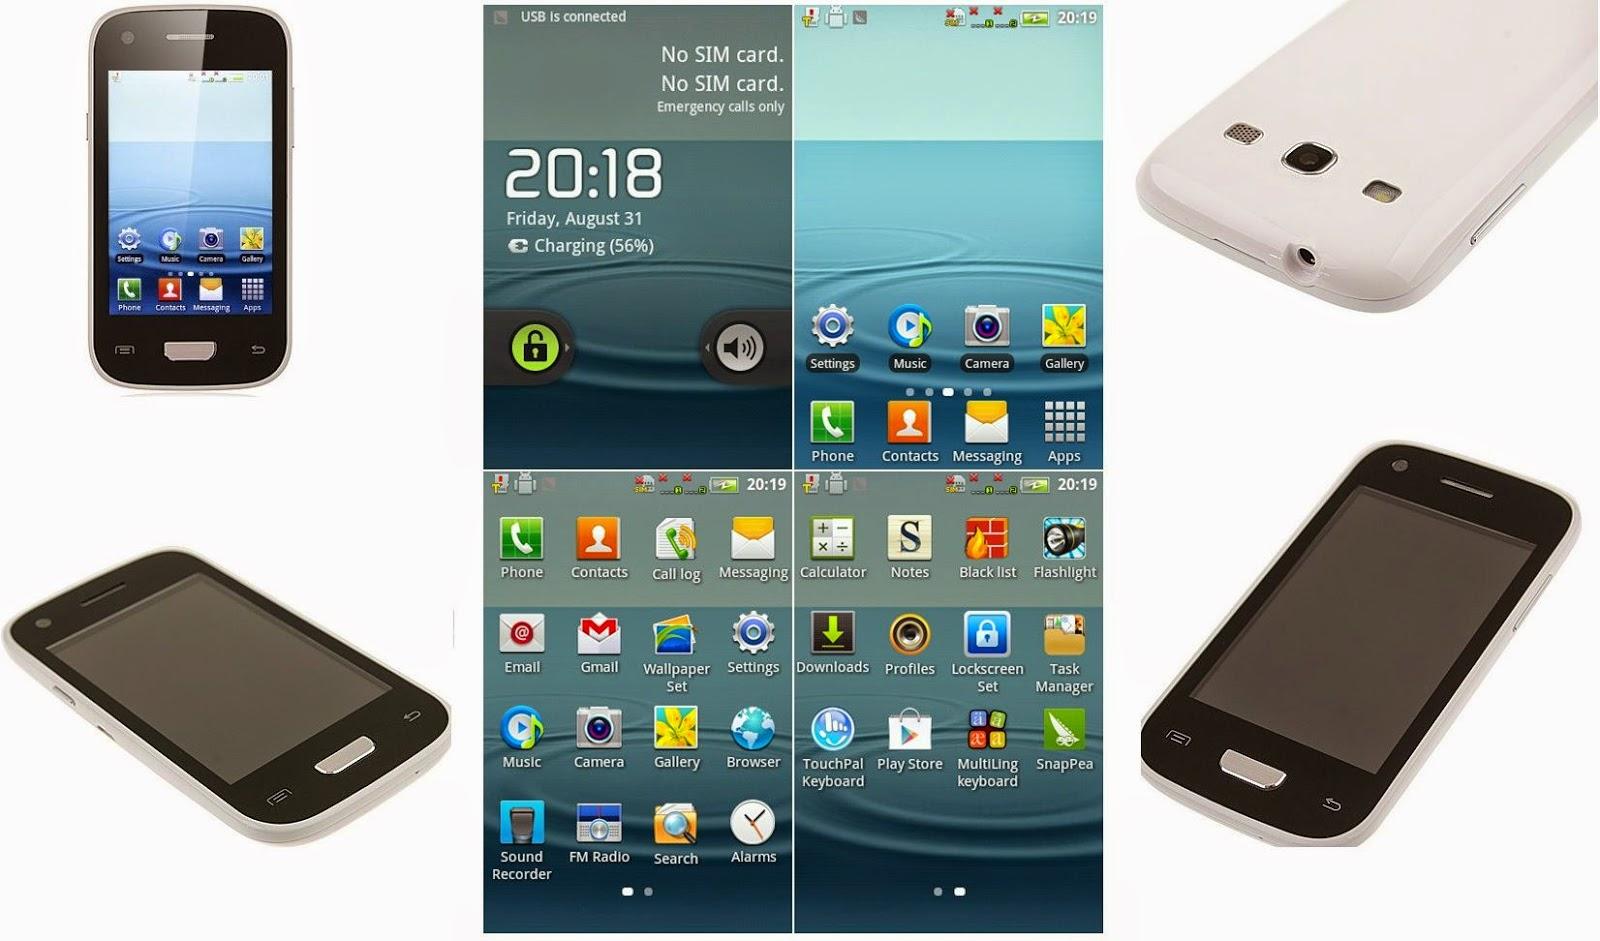 Daftar Harga Handphone/Smartphone Android Terbaru 2014